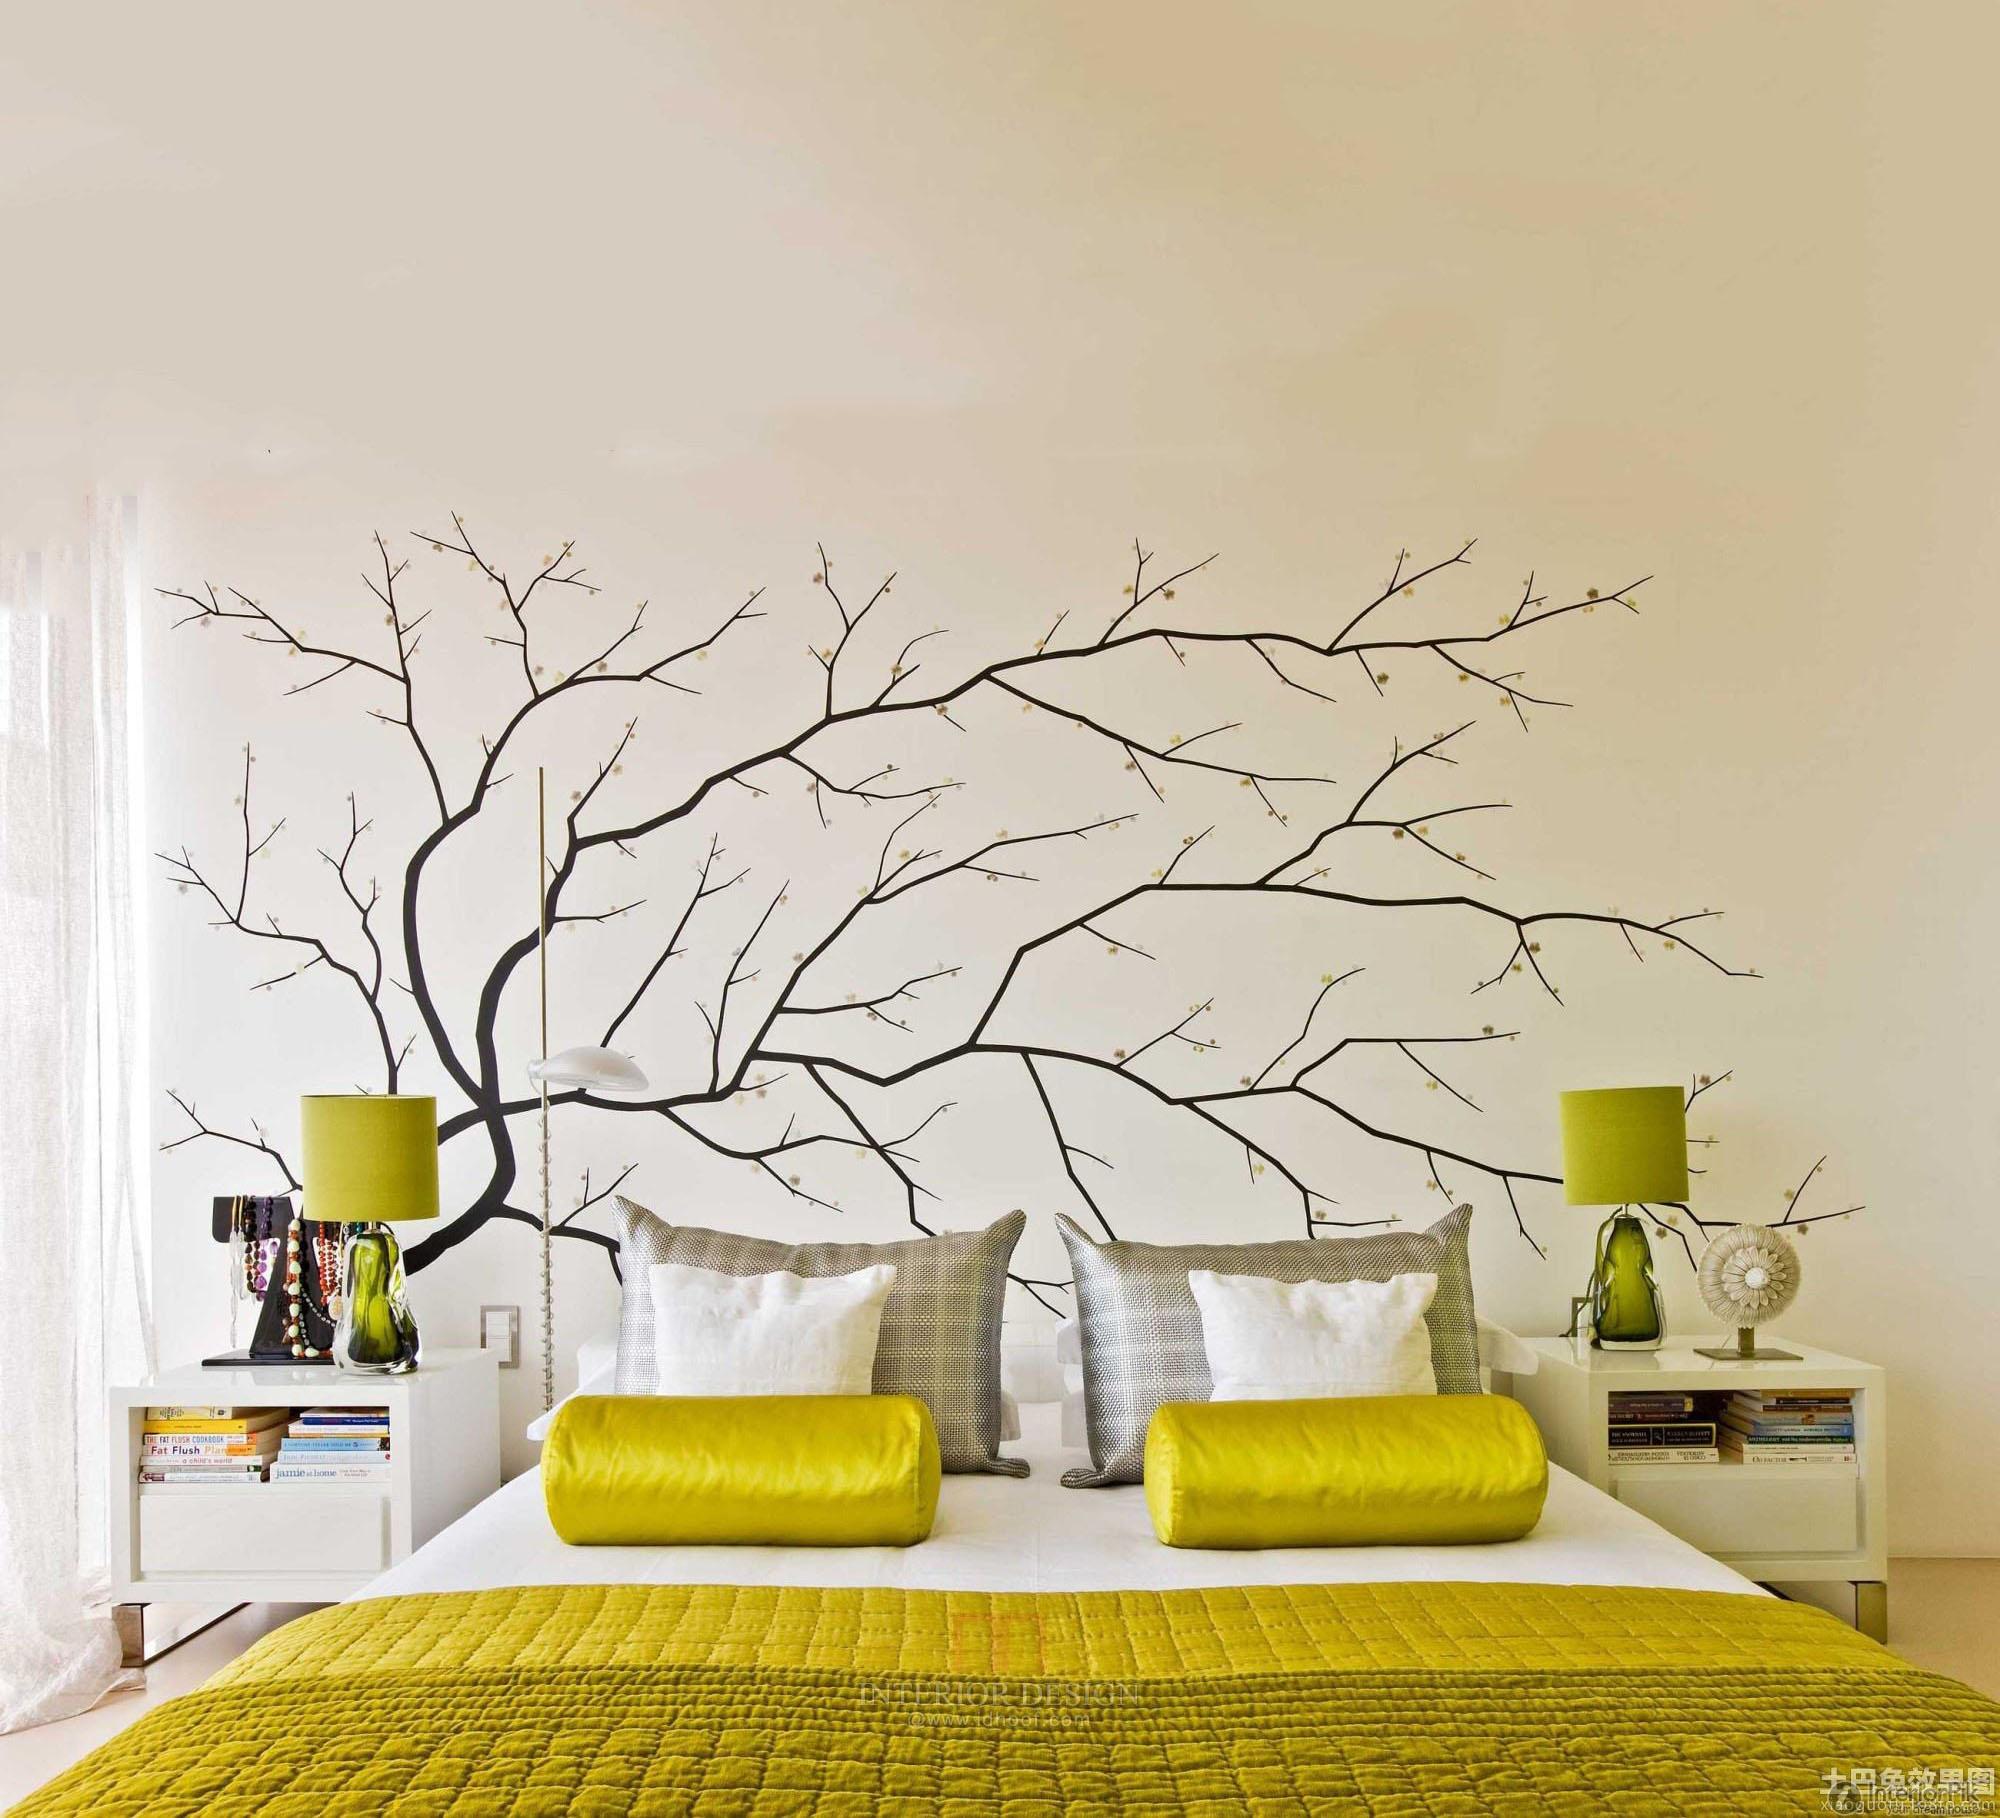 trang trí phòng ngủ đẹp đơn giản